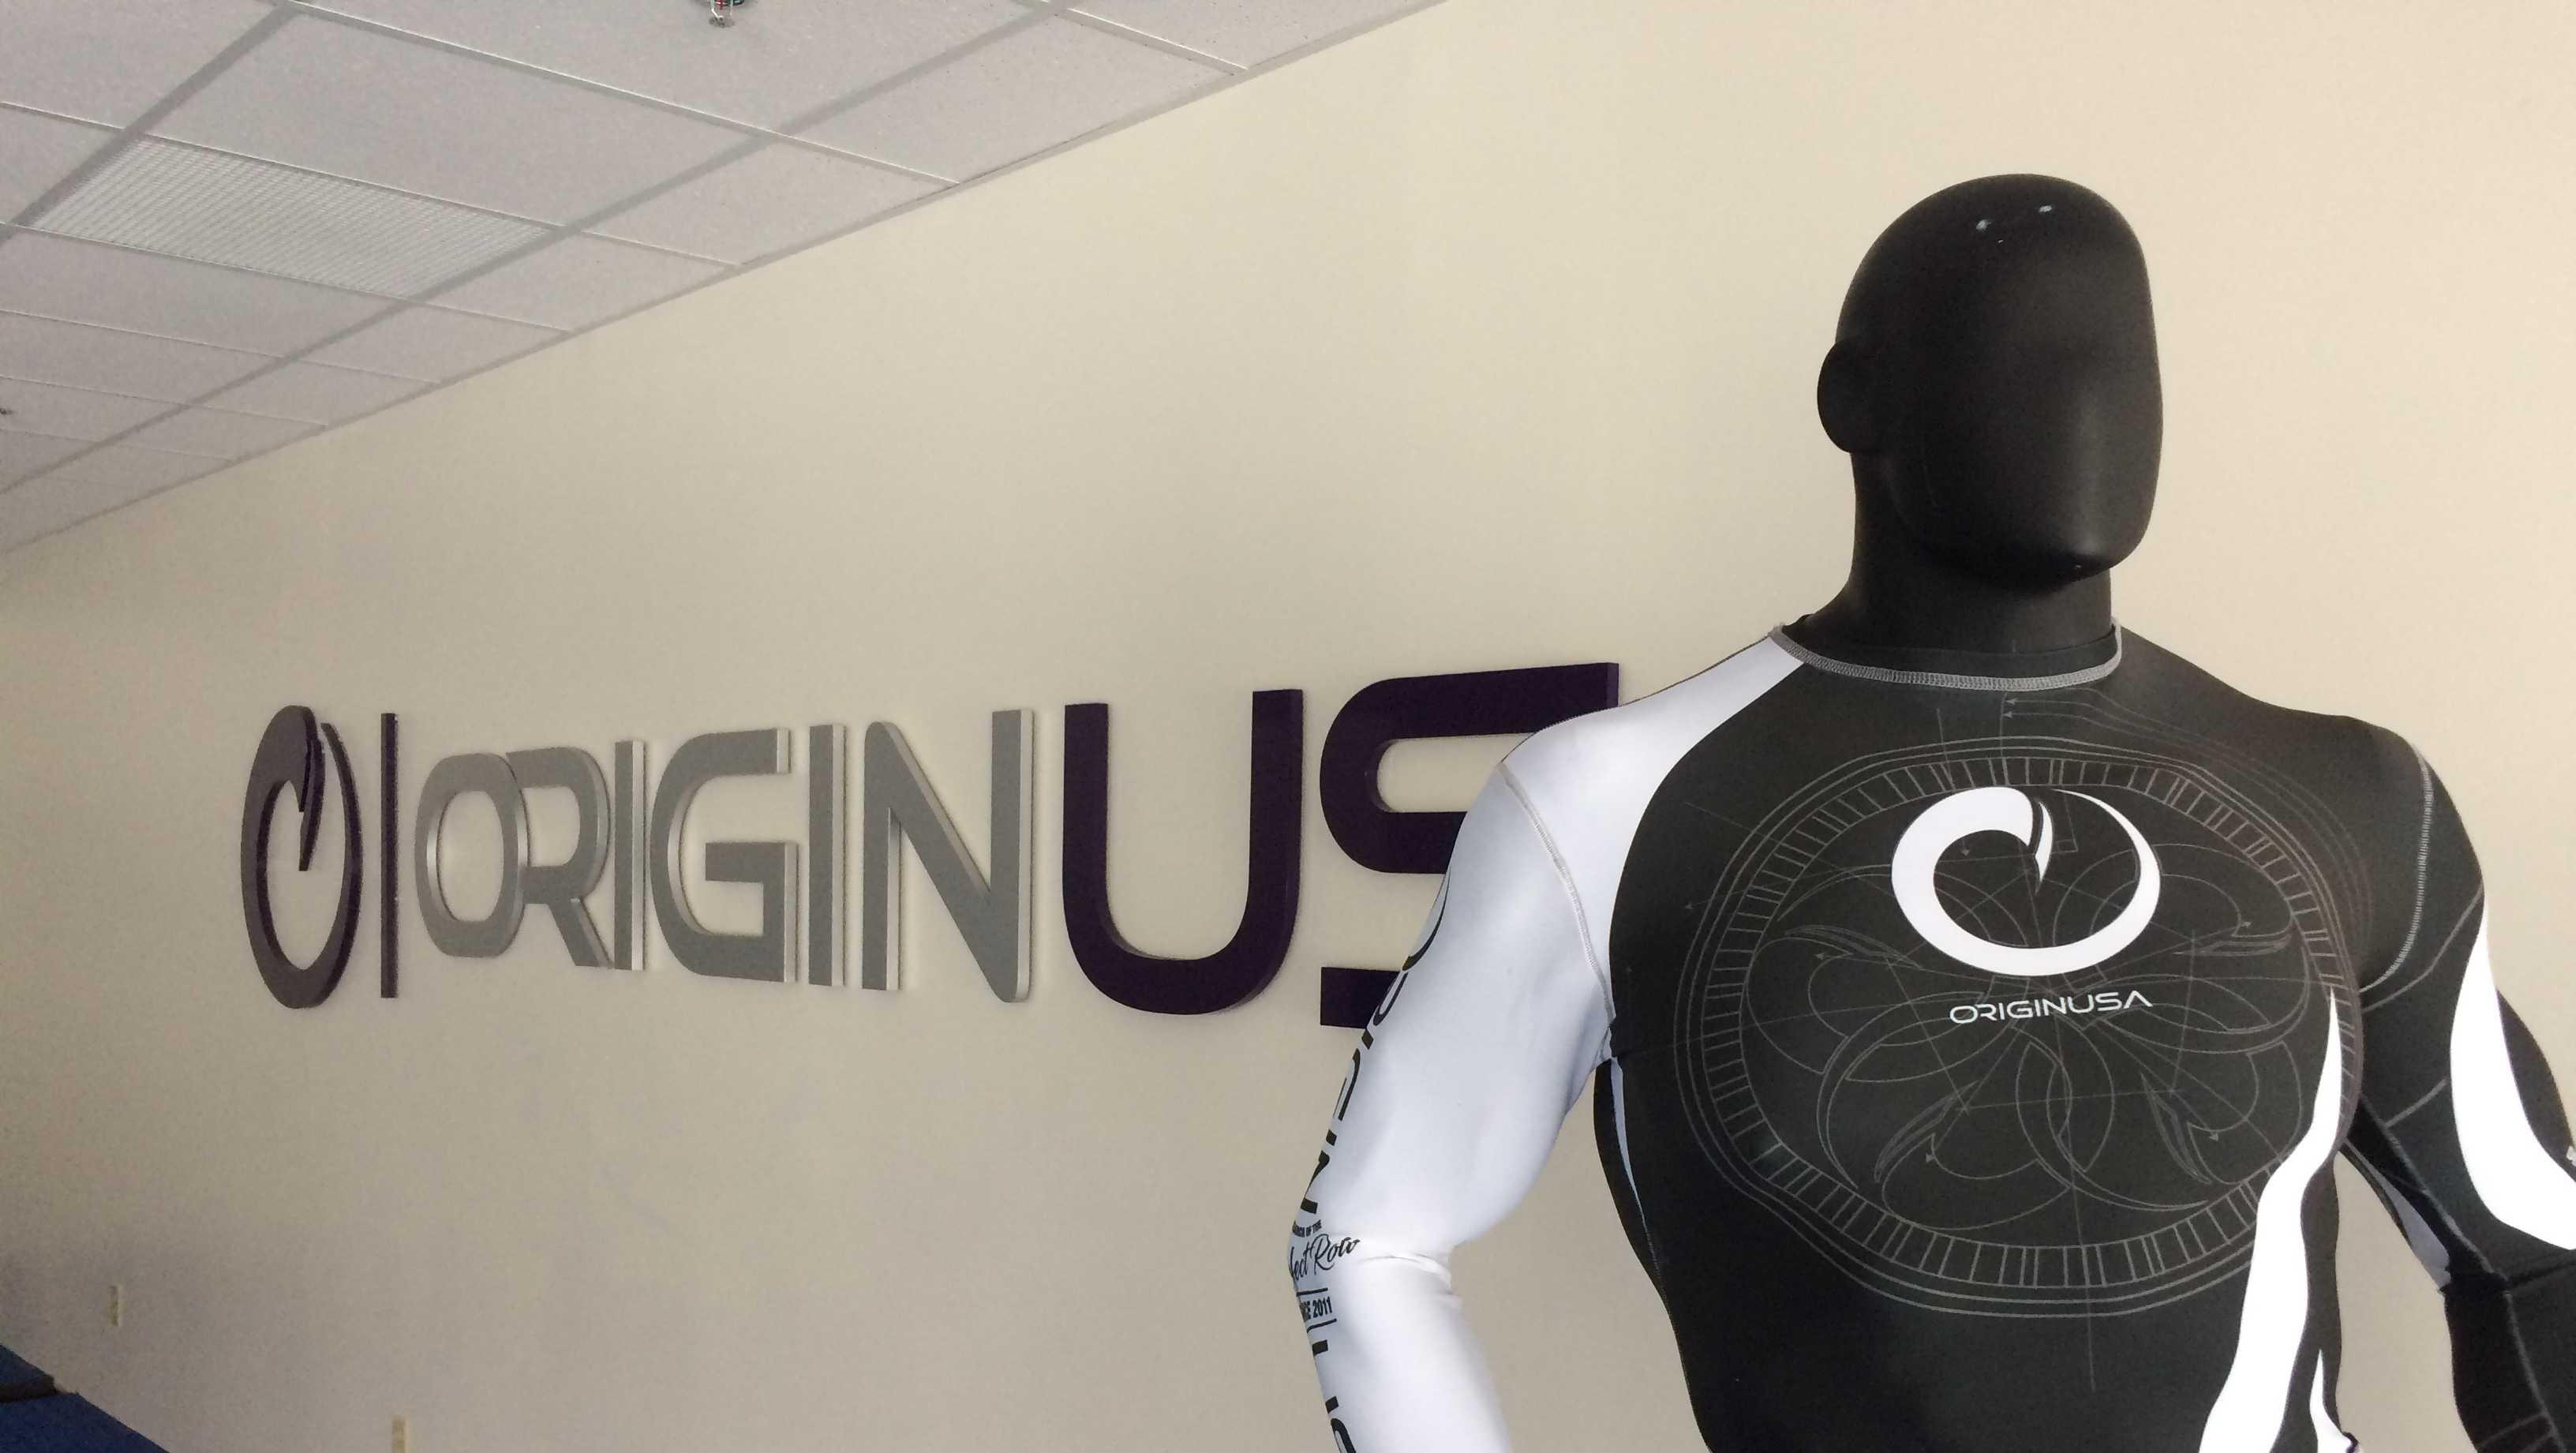 Origin USA